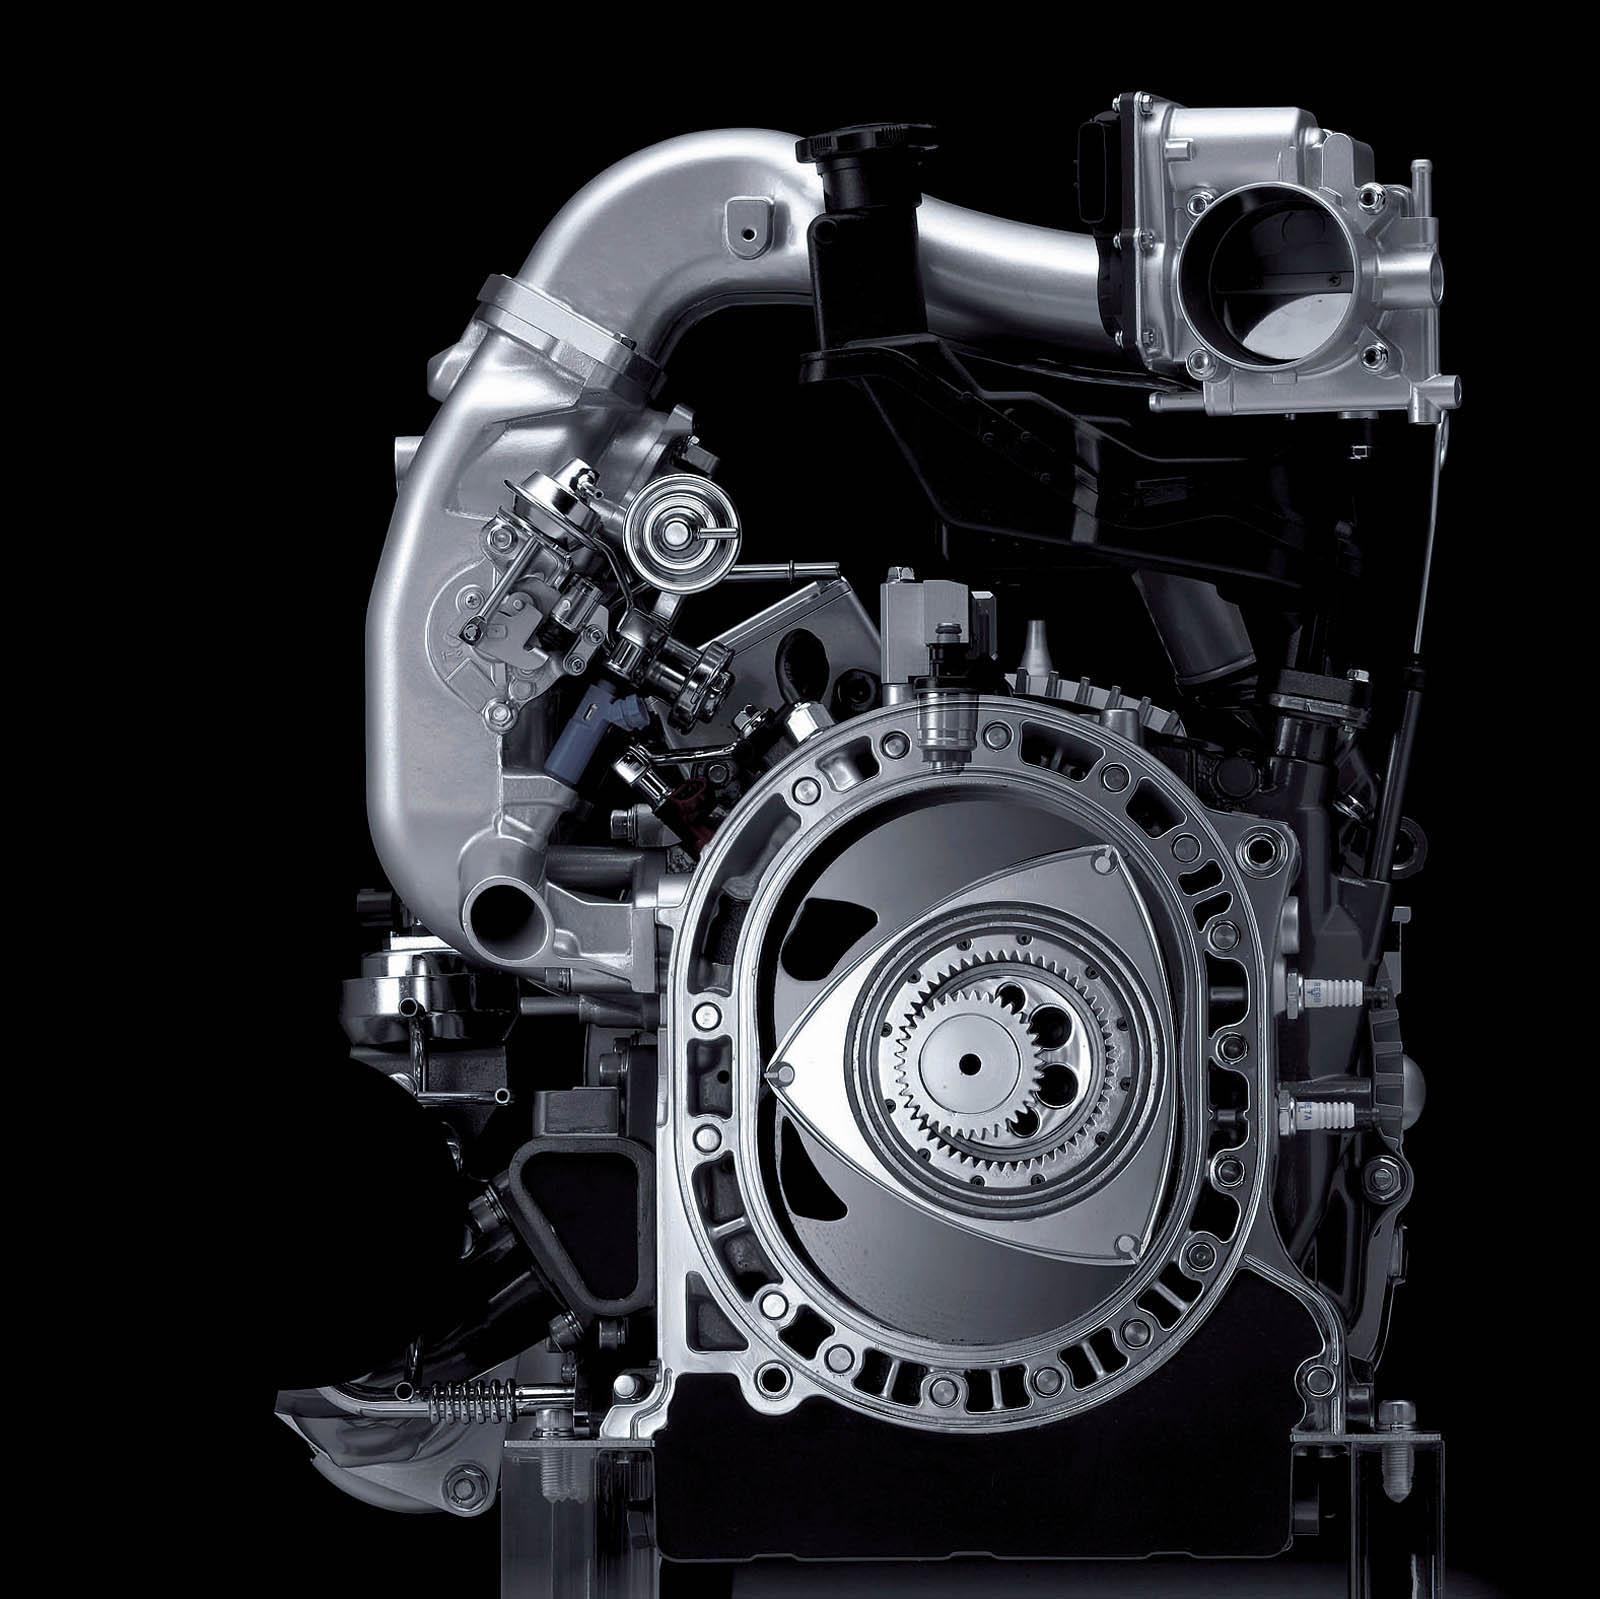 Mazda-50-years-of-rotary-p20_01